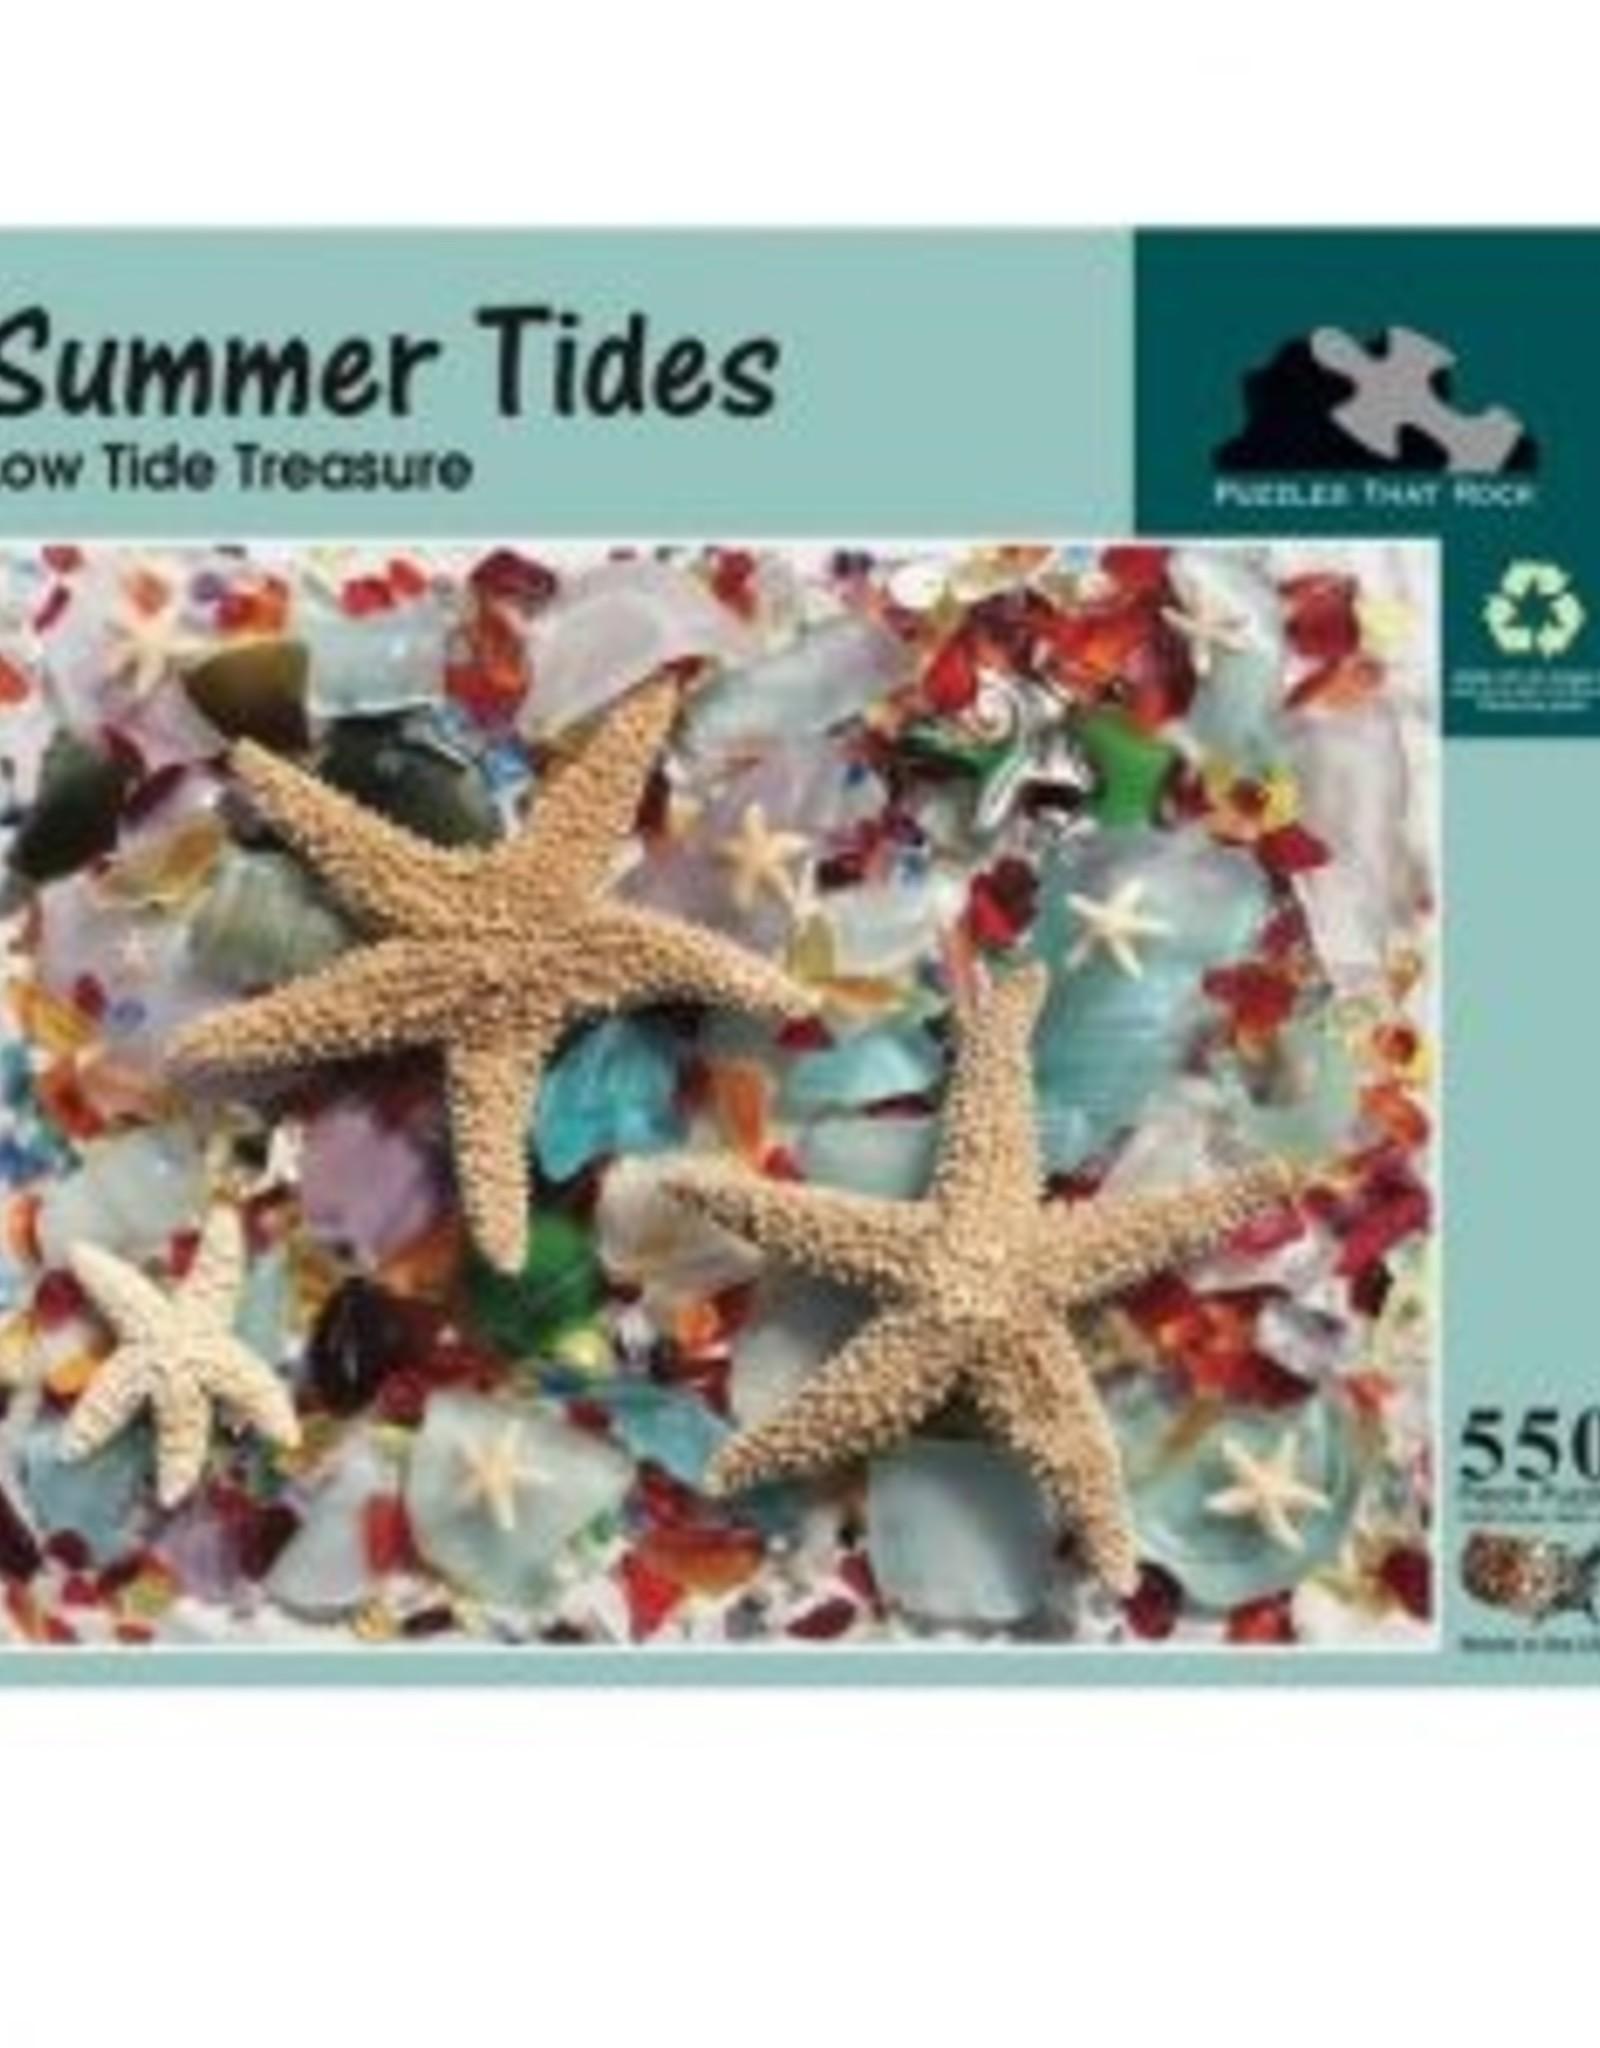 Puzzles That Rock Puzzle, Summer Tides